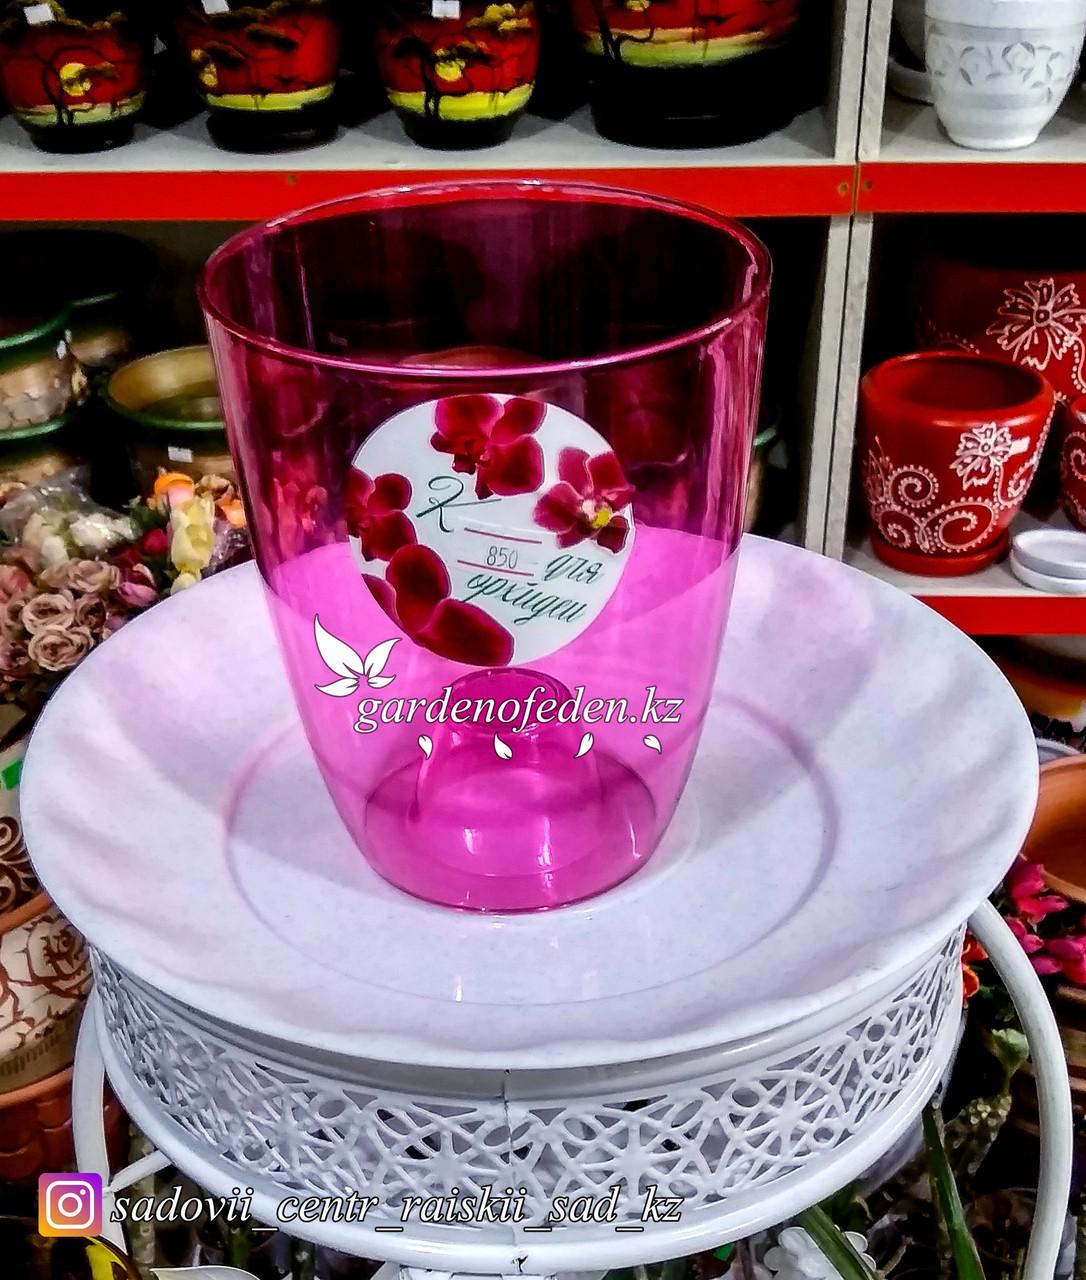 Пластиковое Кашпо Орхидея. Цвет: Фиолетовый. Объем: 1л.